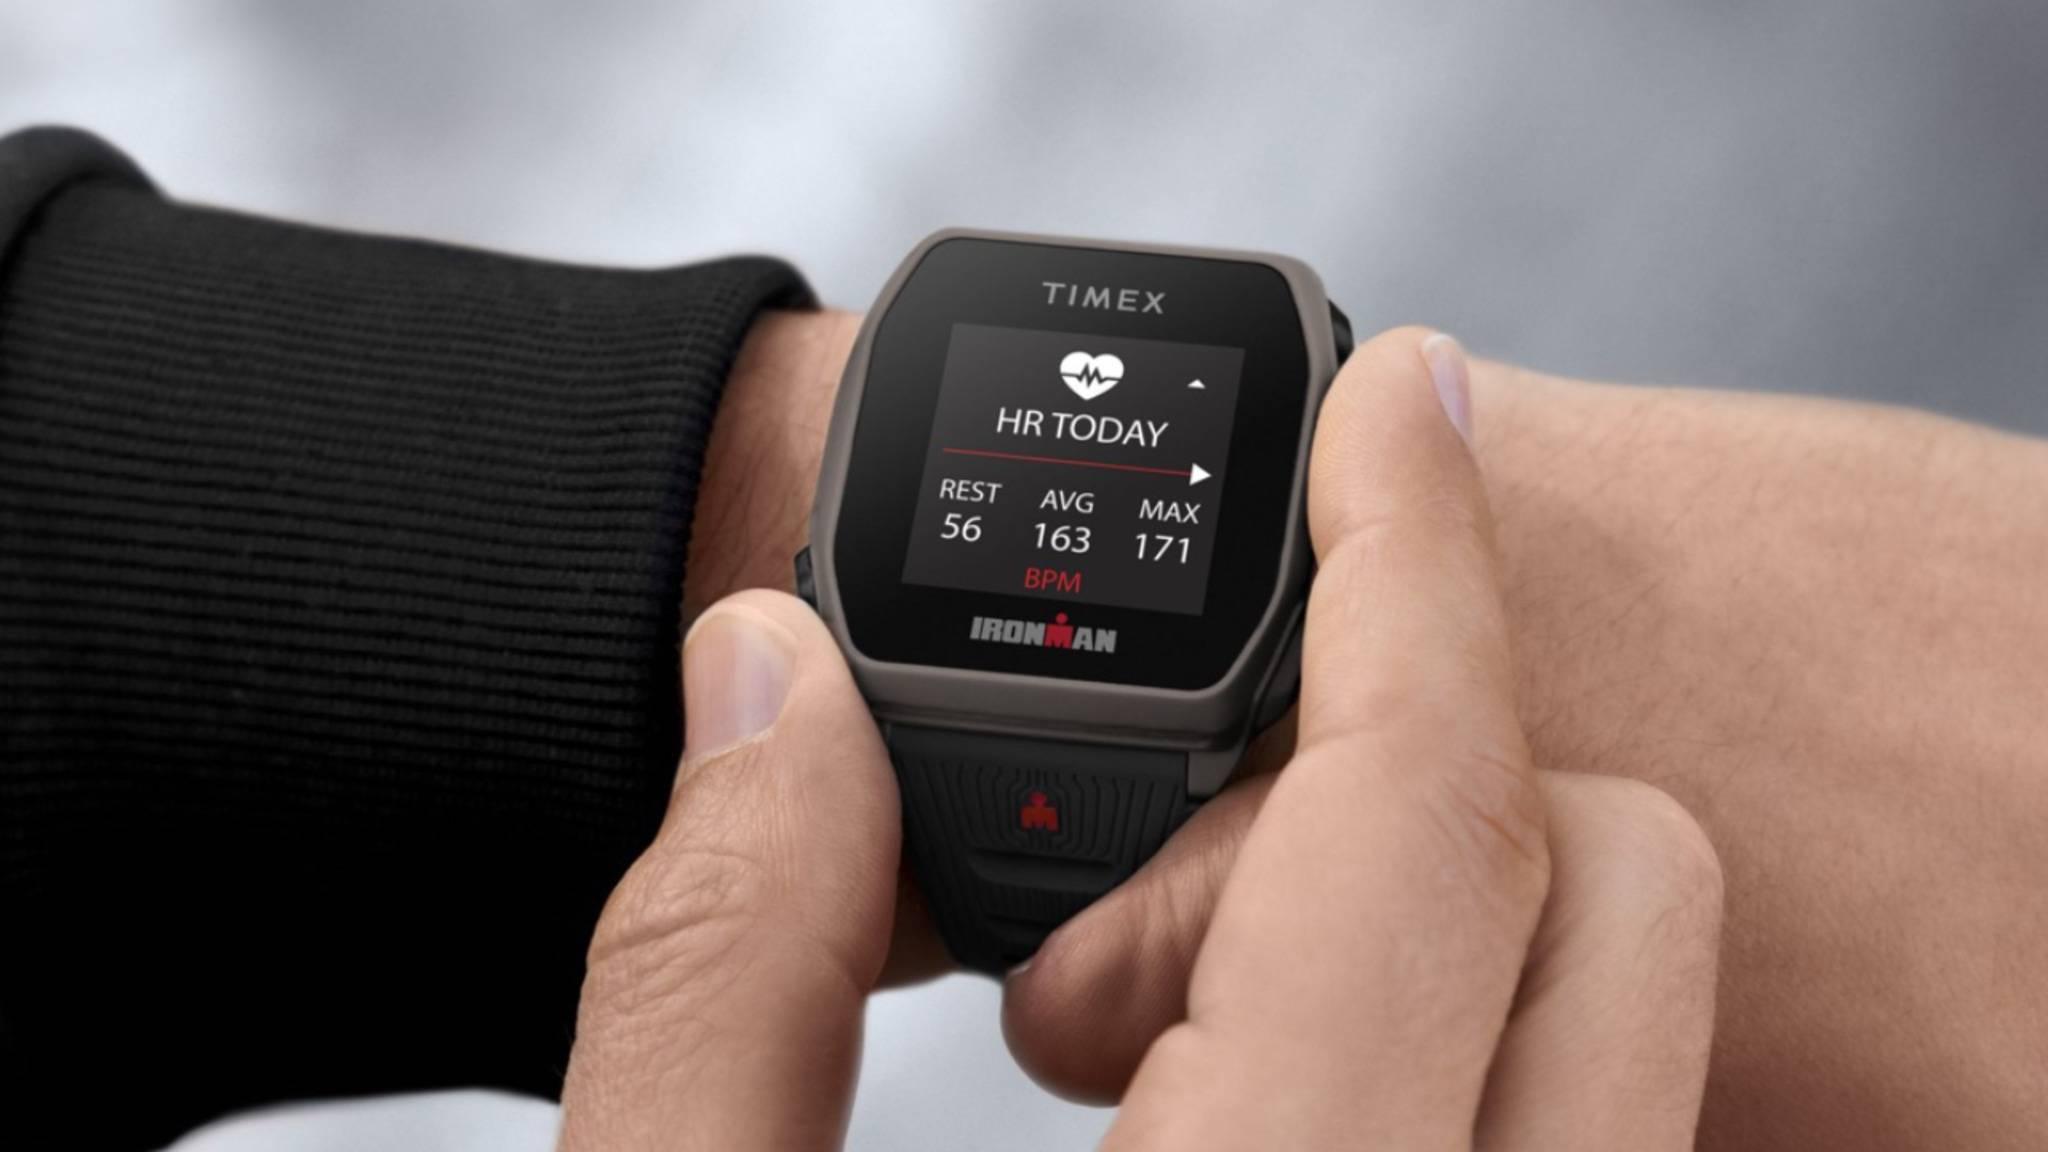 timex sportuhr am Handgelenk